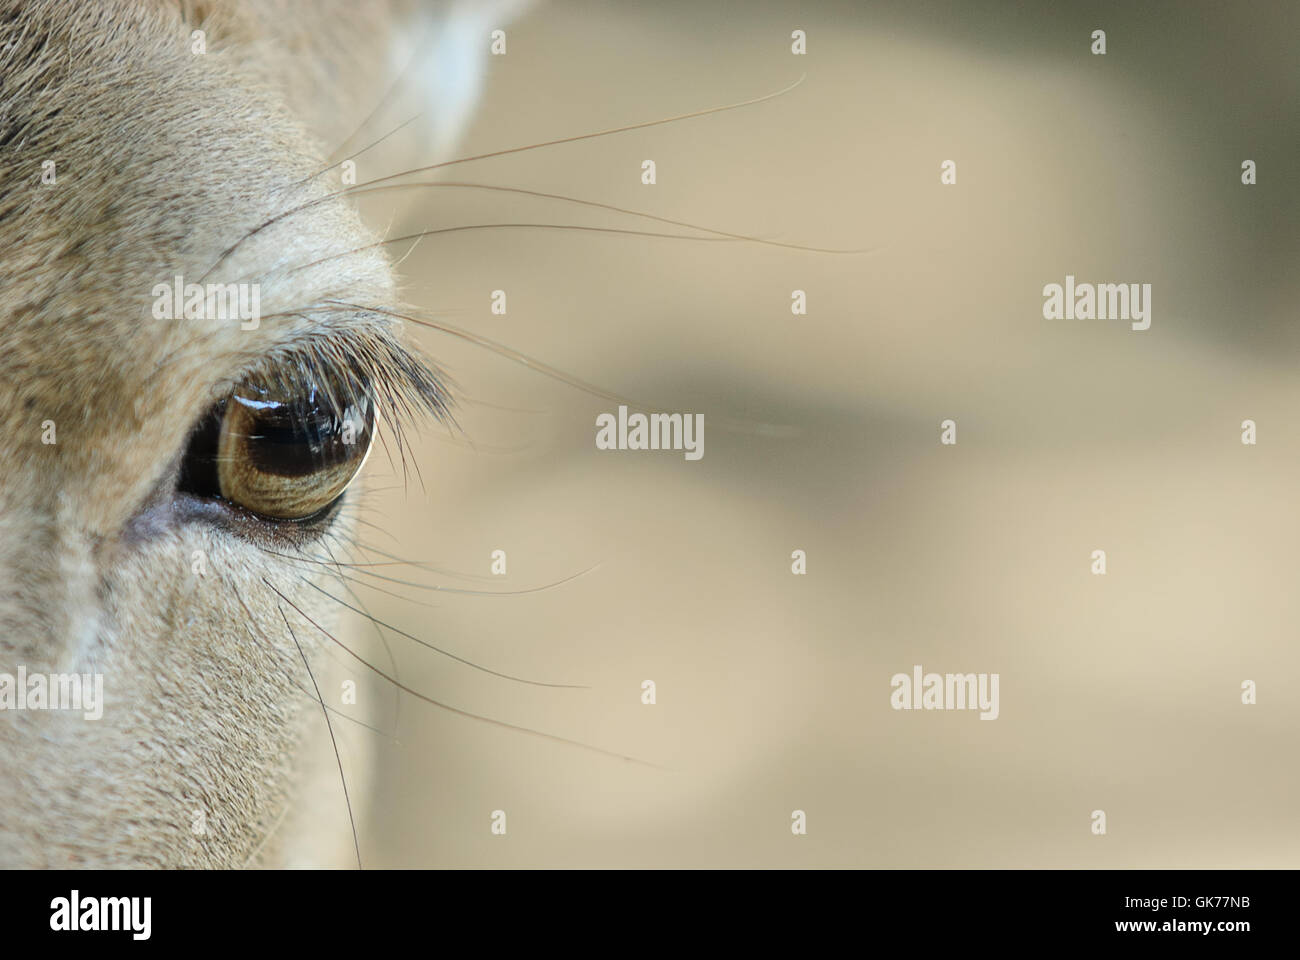 Detalle mamíferos mamíferos Imagen De Stock